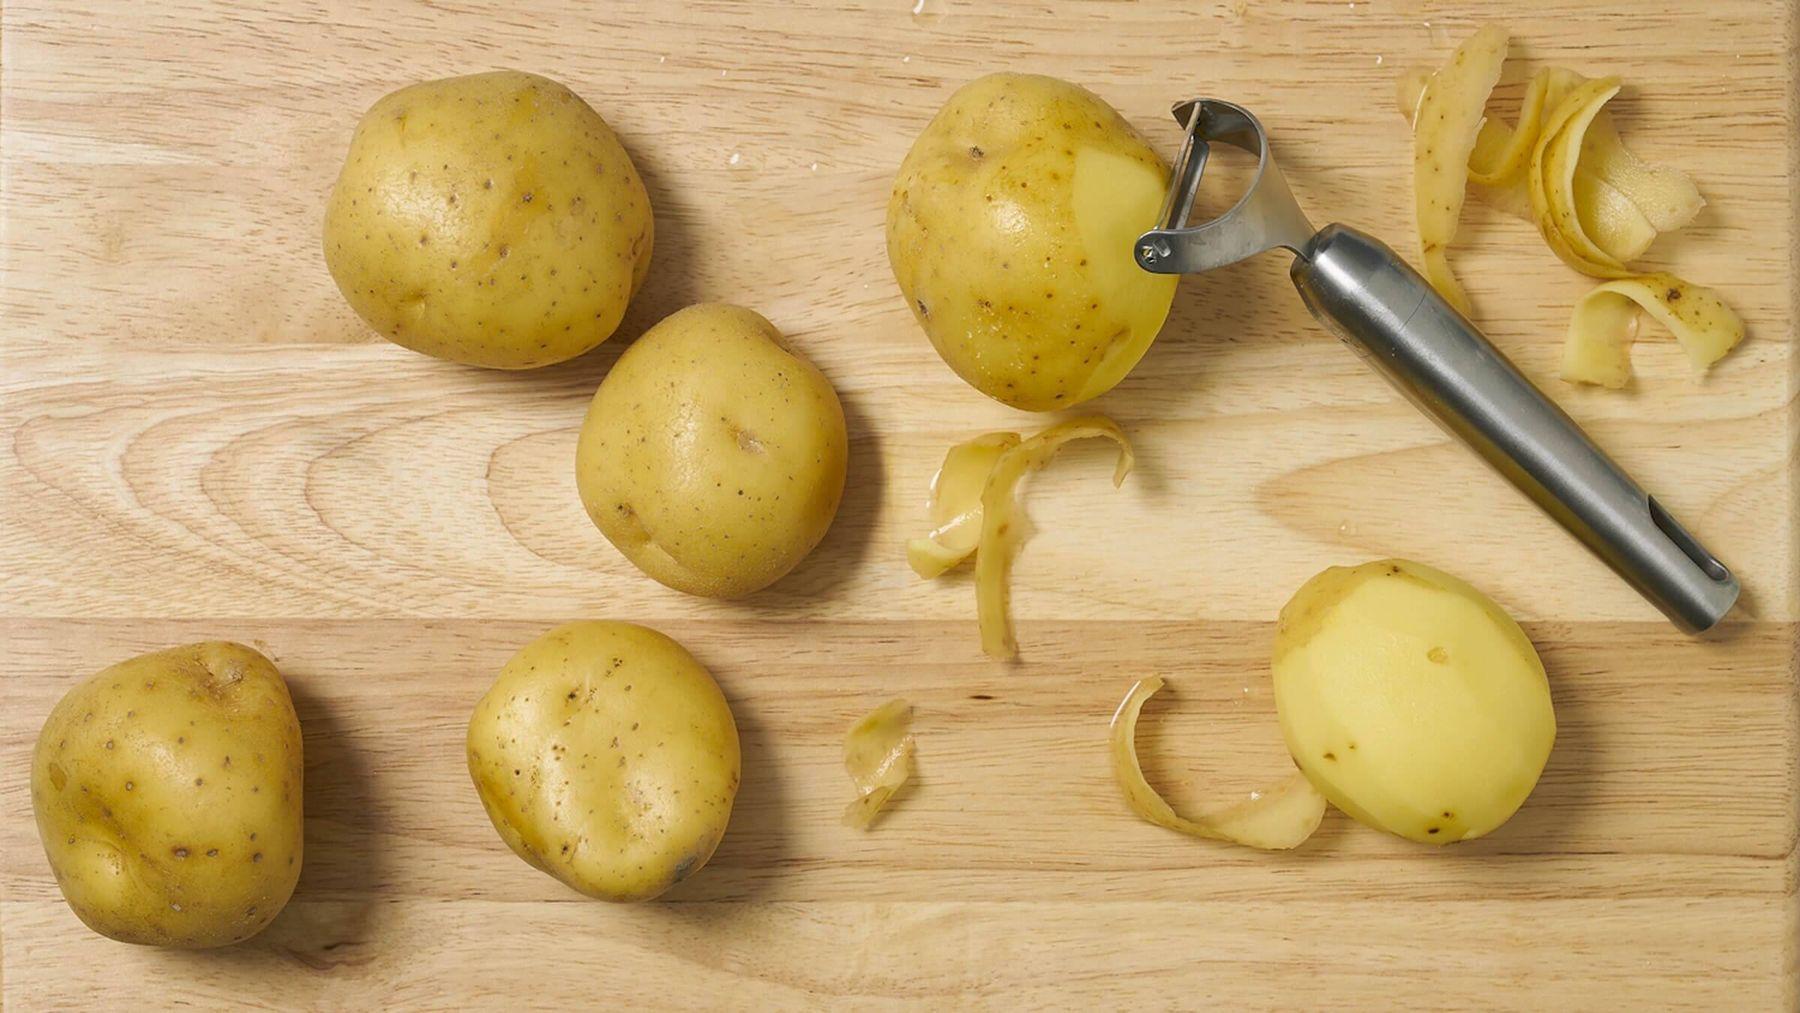 cách tẩy rỉ sét trên inox bằng khoai tây